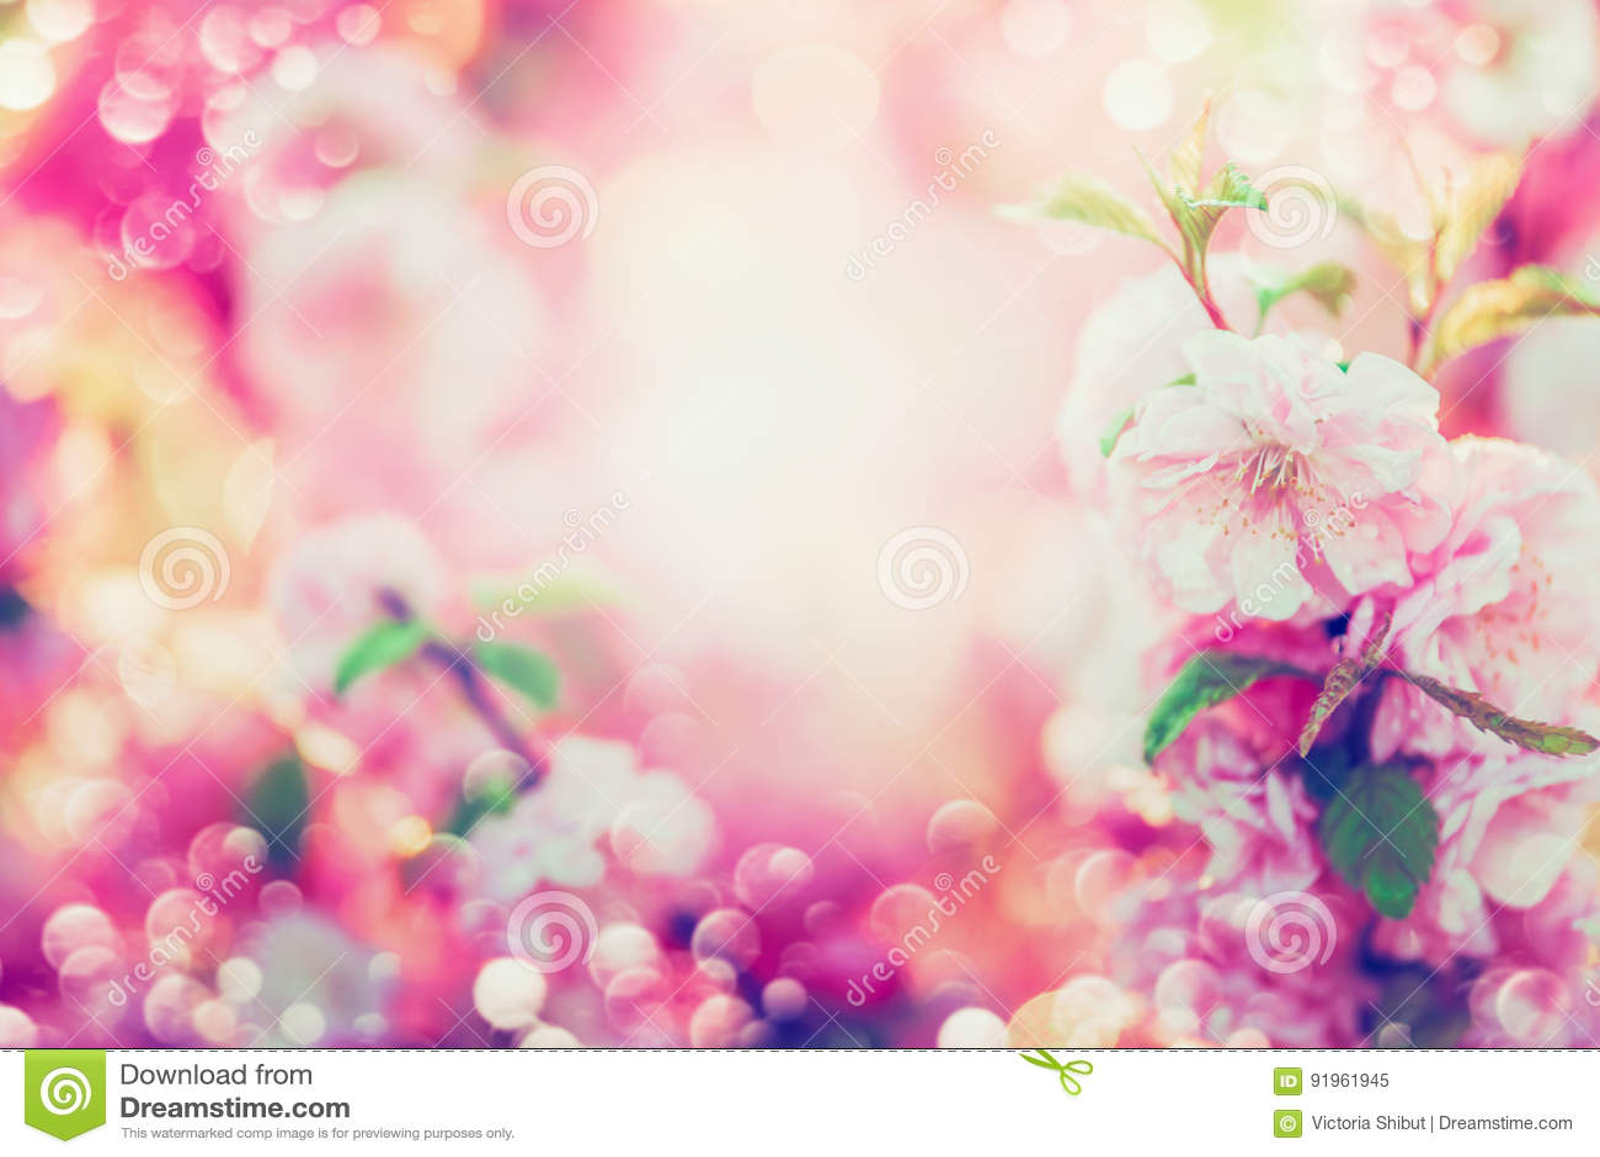 Blumenhintergrund des schönen Sommers mit dem rosa Blühen, Sonnenglanz